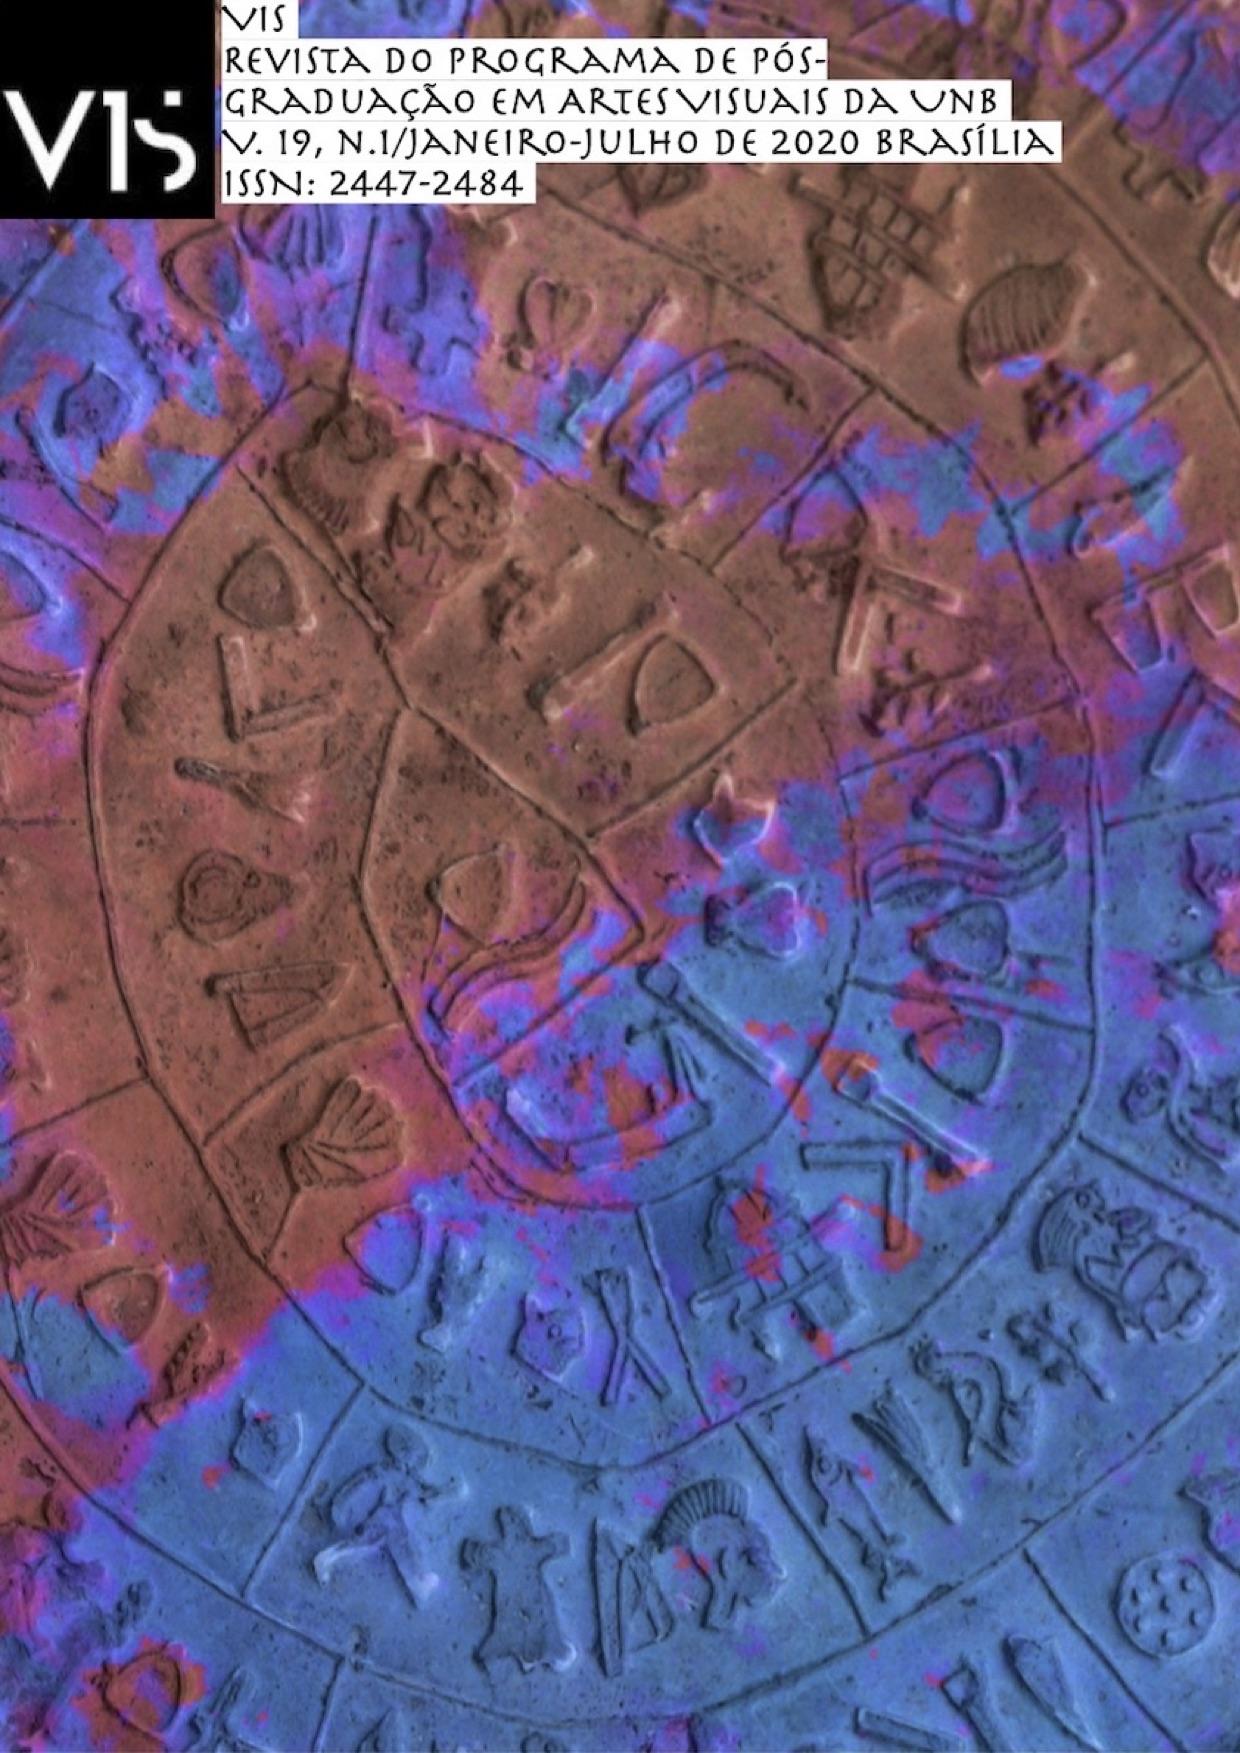 Imagem de Philippe Enrico a partir do Disco de Festo (Museu Arqueológico de Heraklion)